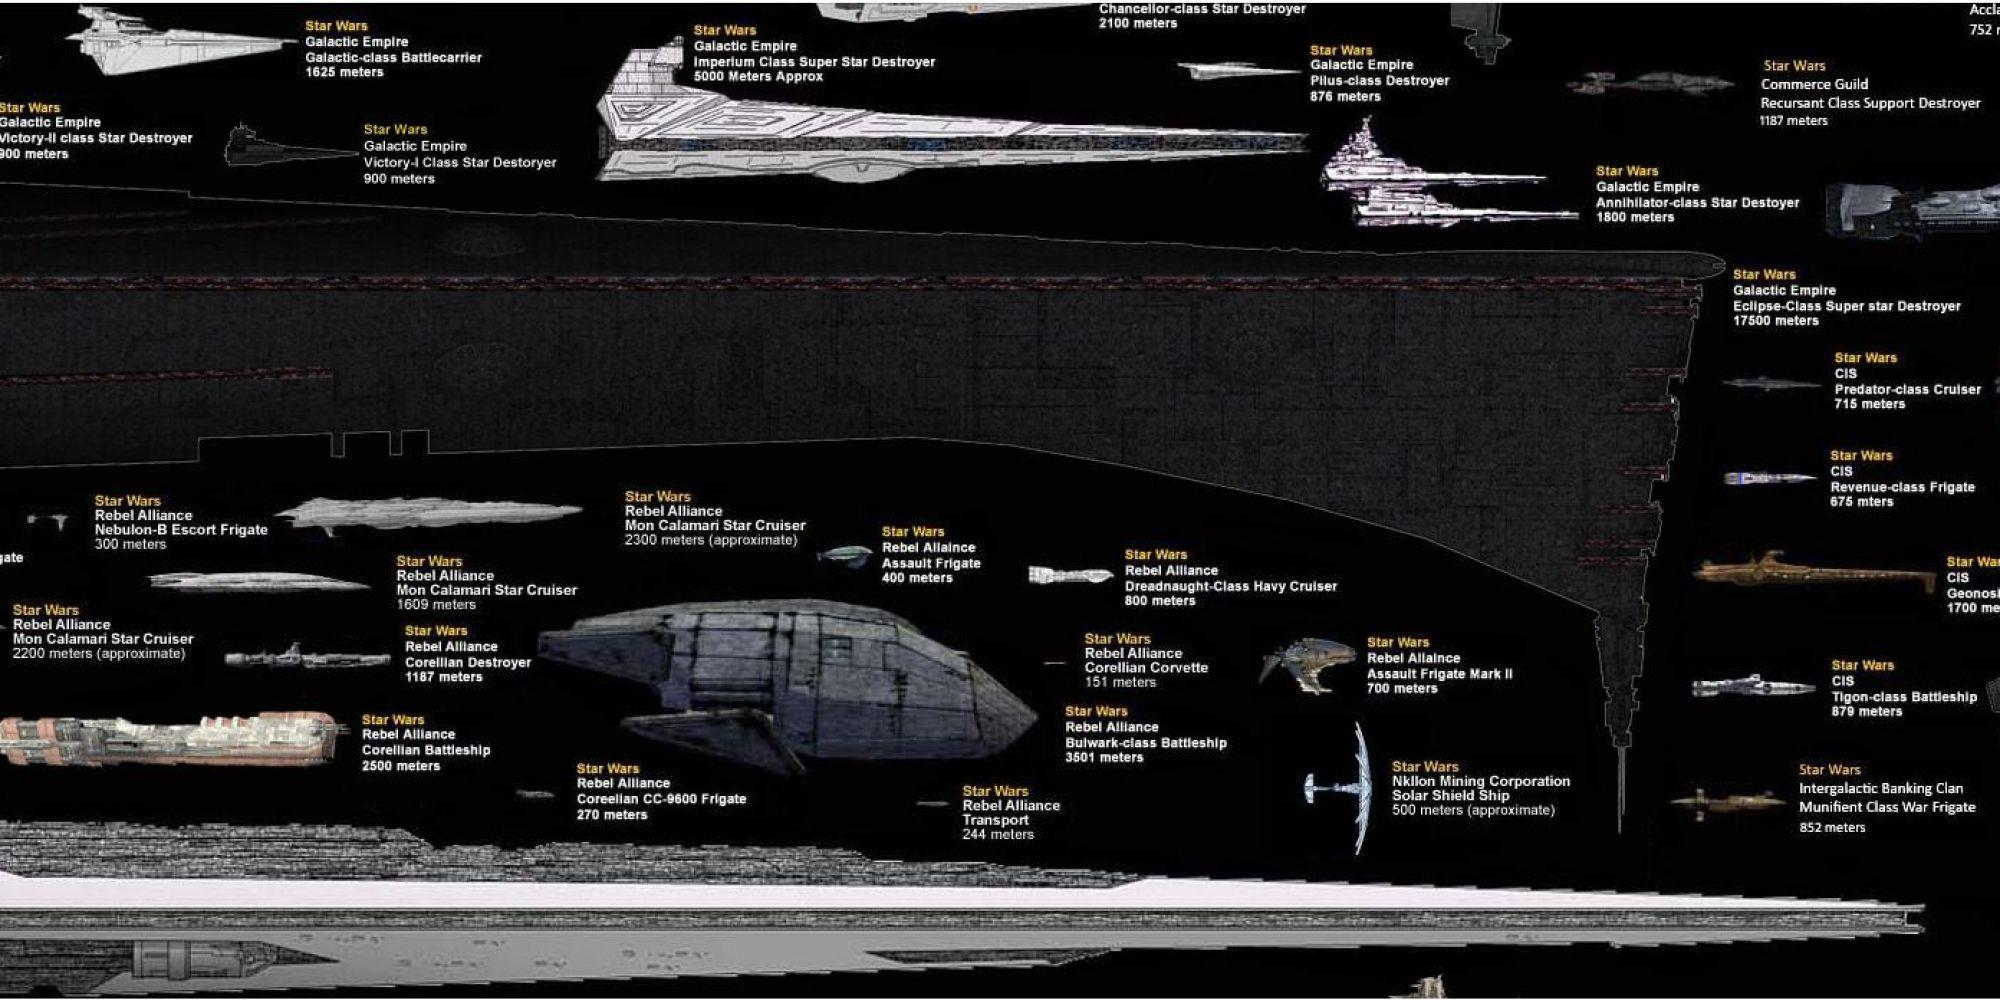 photo vaisseau spatial une gigantesque image regroupant les vaisseaux des principales s ries de sf. Black Bedroom Furniture Sets. Home Design Ideas